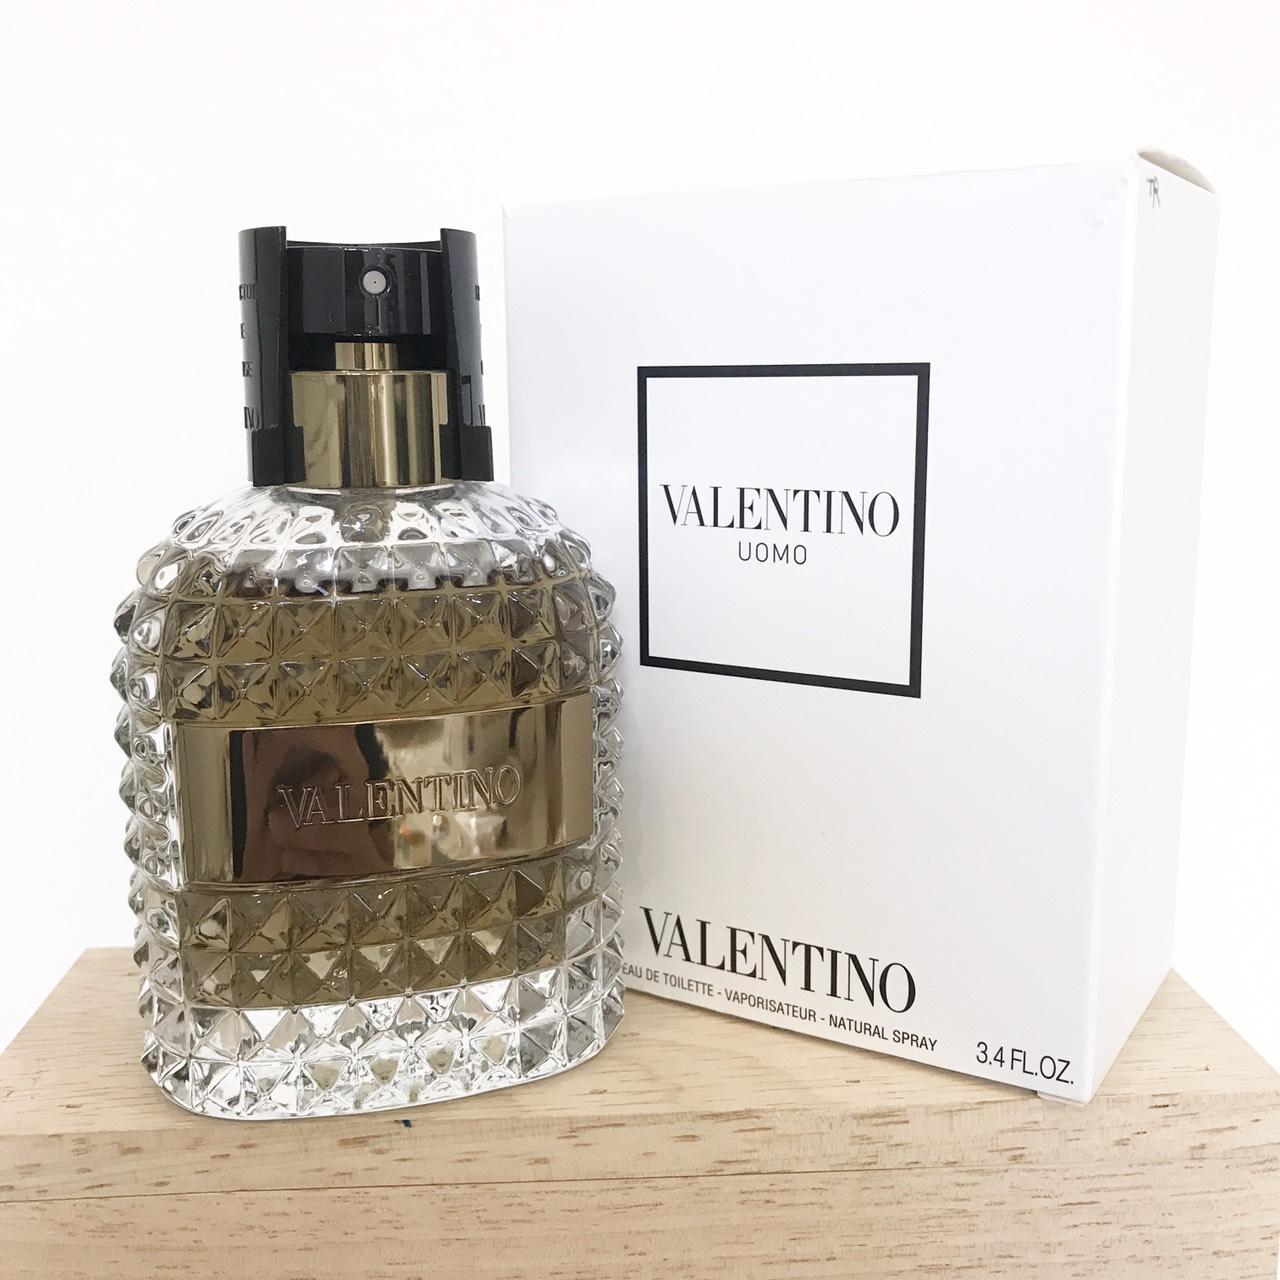 น้ำหอม Valentino UOMO EDT 100ml. ของแท้100%